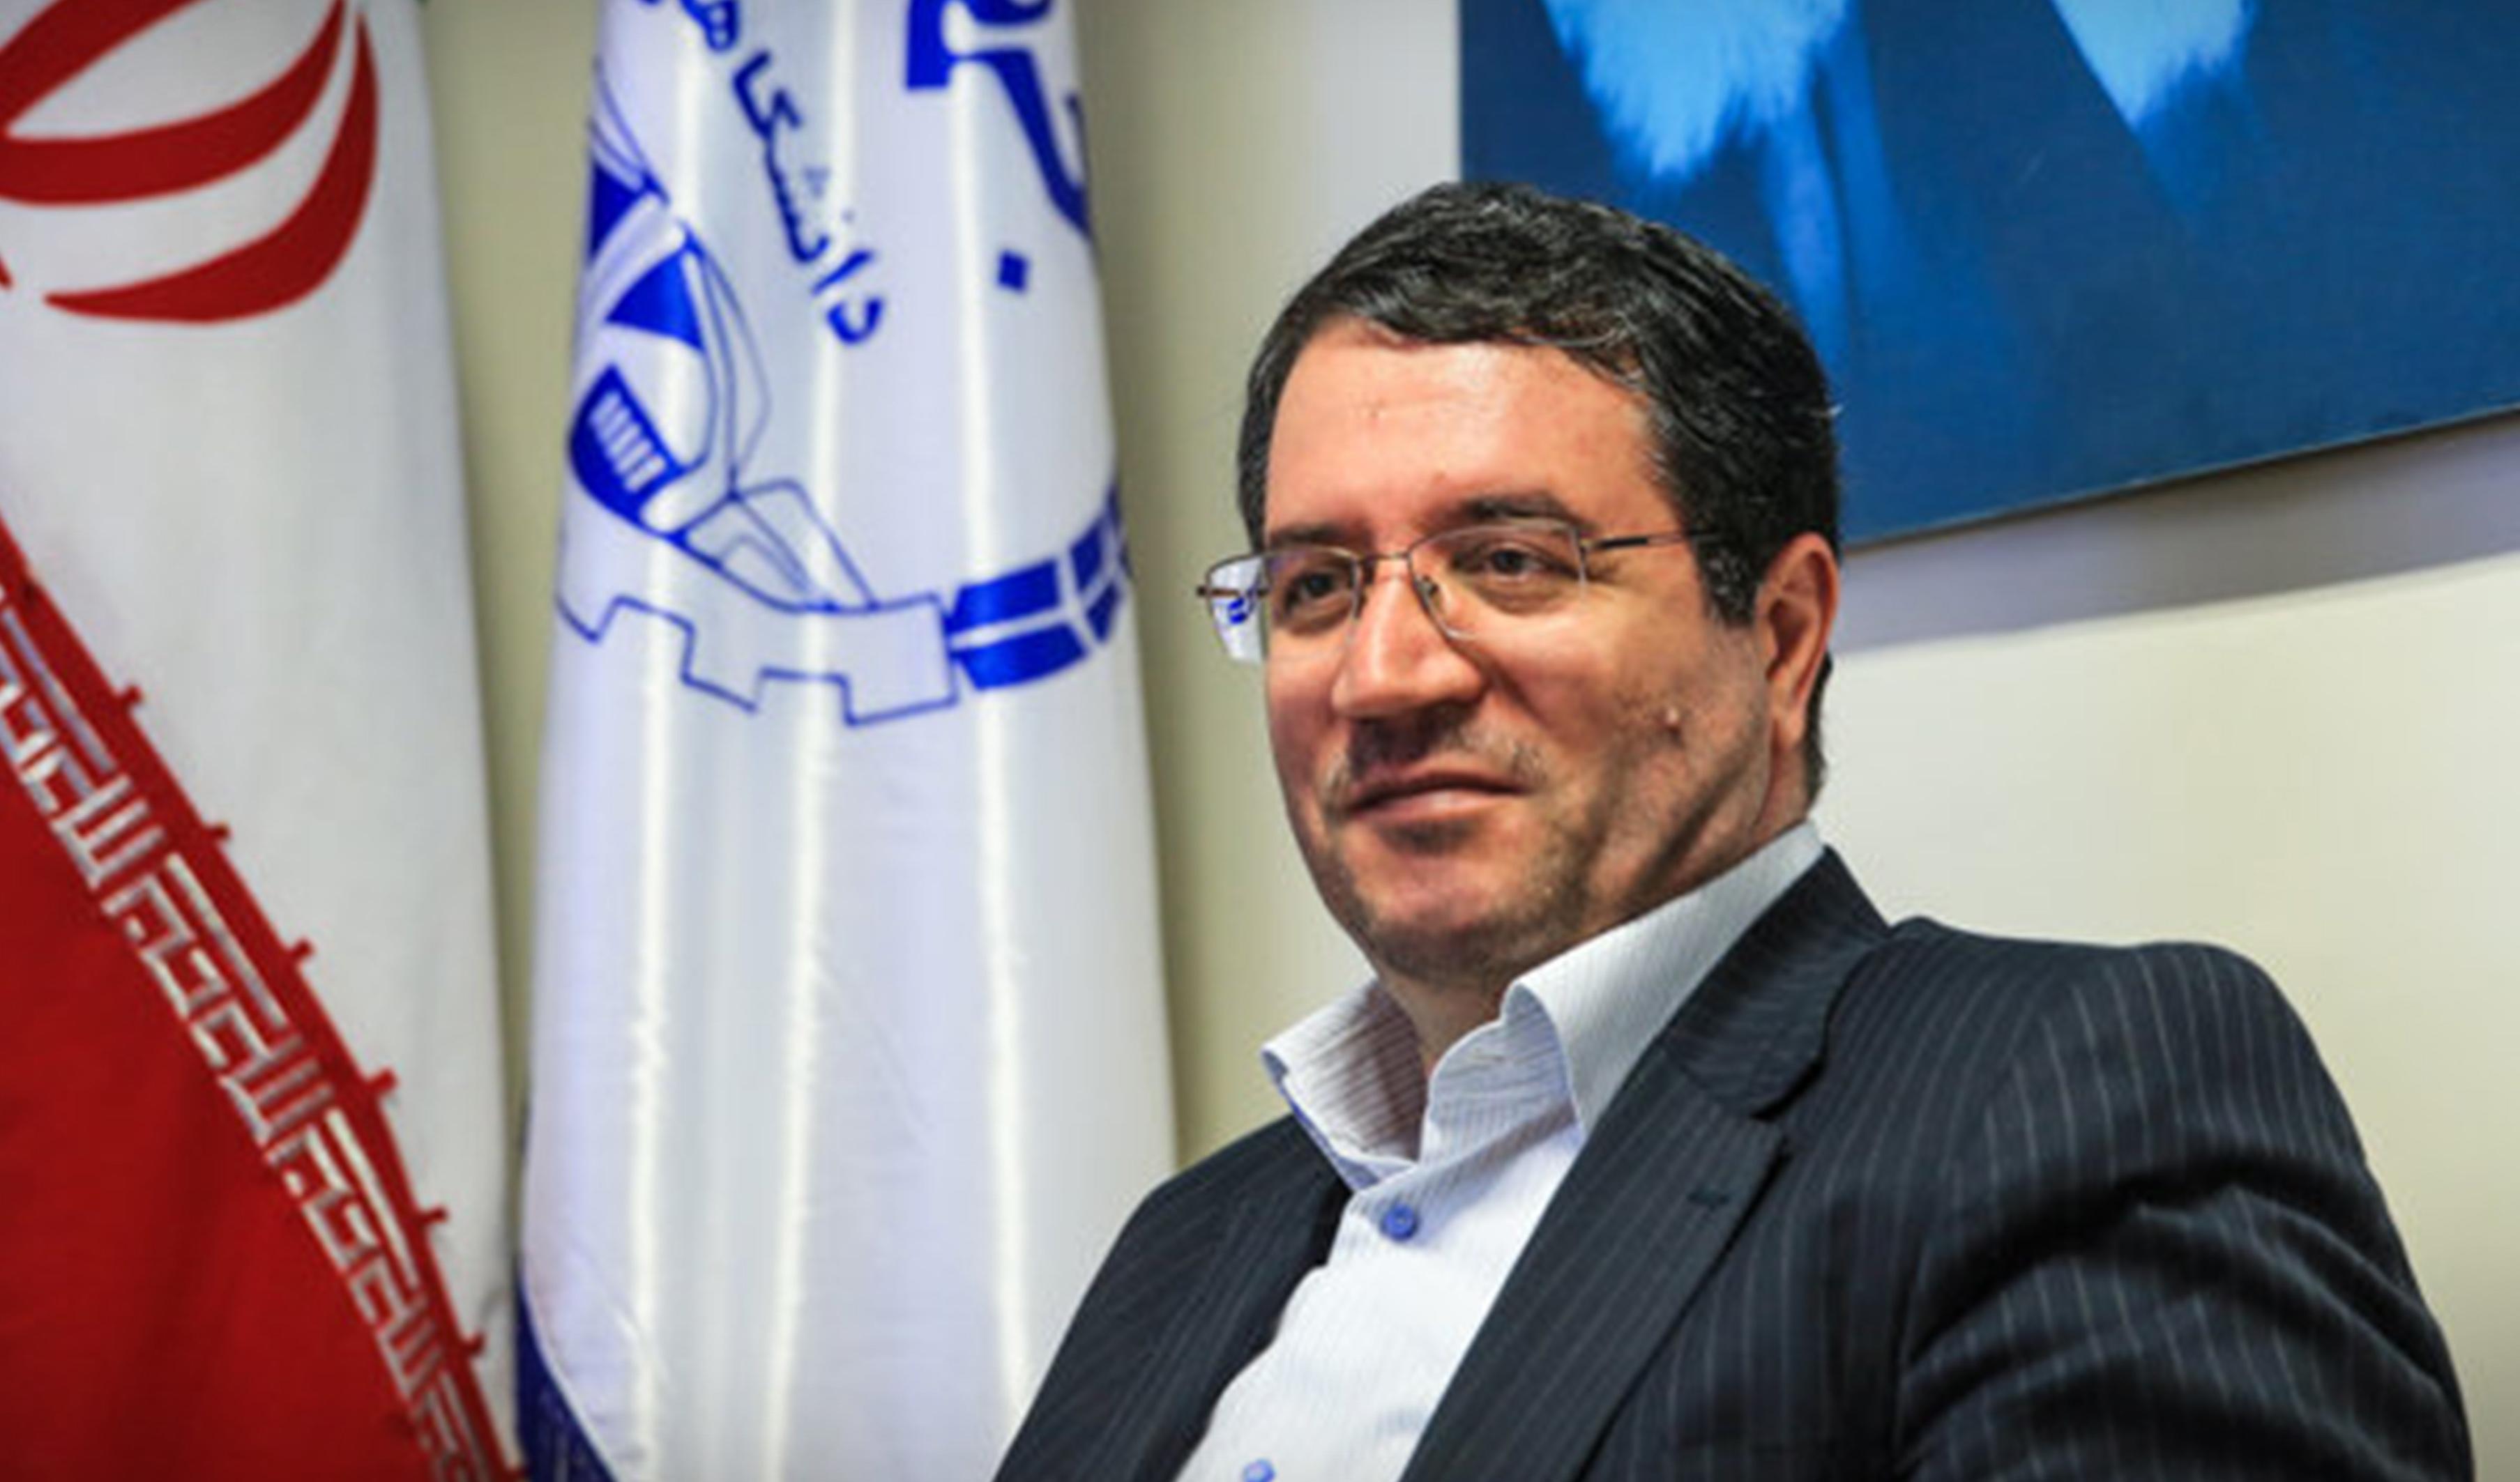 وزیر صمت: تلاش میکنیم واحدهای صنعتی کوچک و متوسط به جایگاه حقیقی خود نزدیک شوند